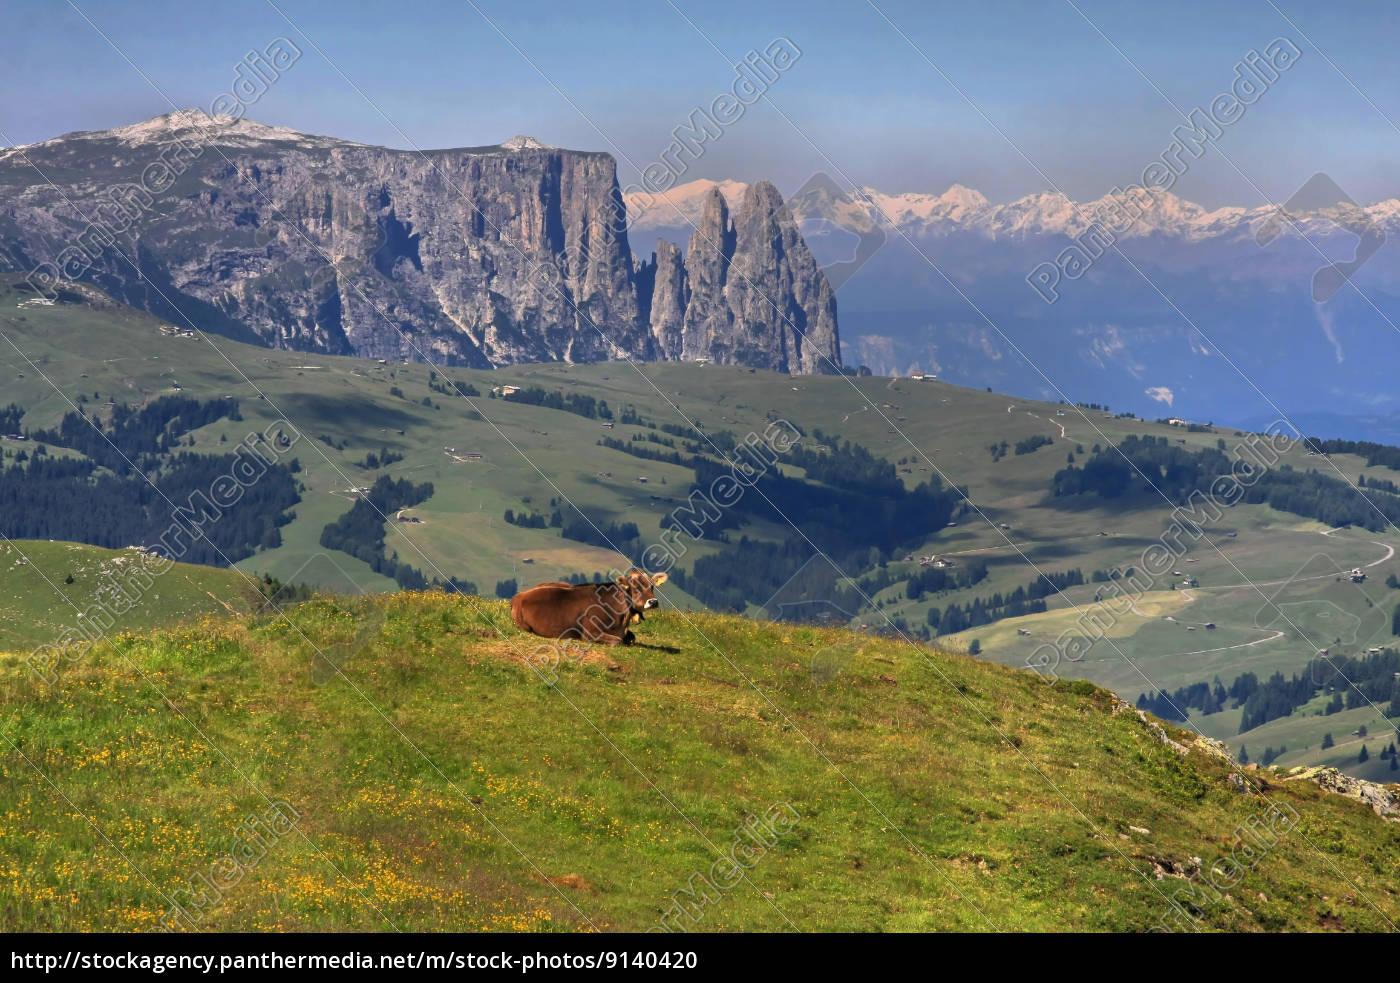 mountains, dolomites, alp, summit, sight, view - 9140420